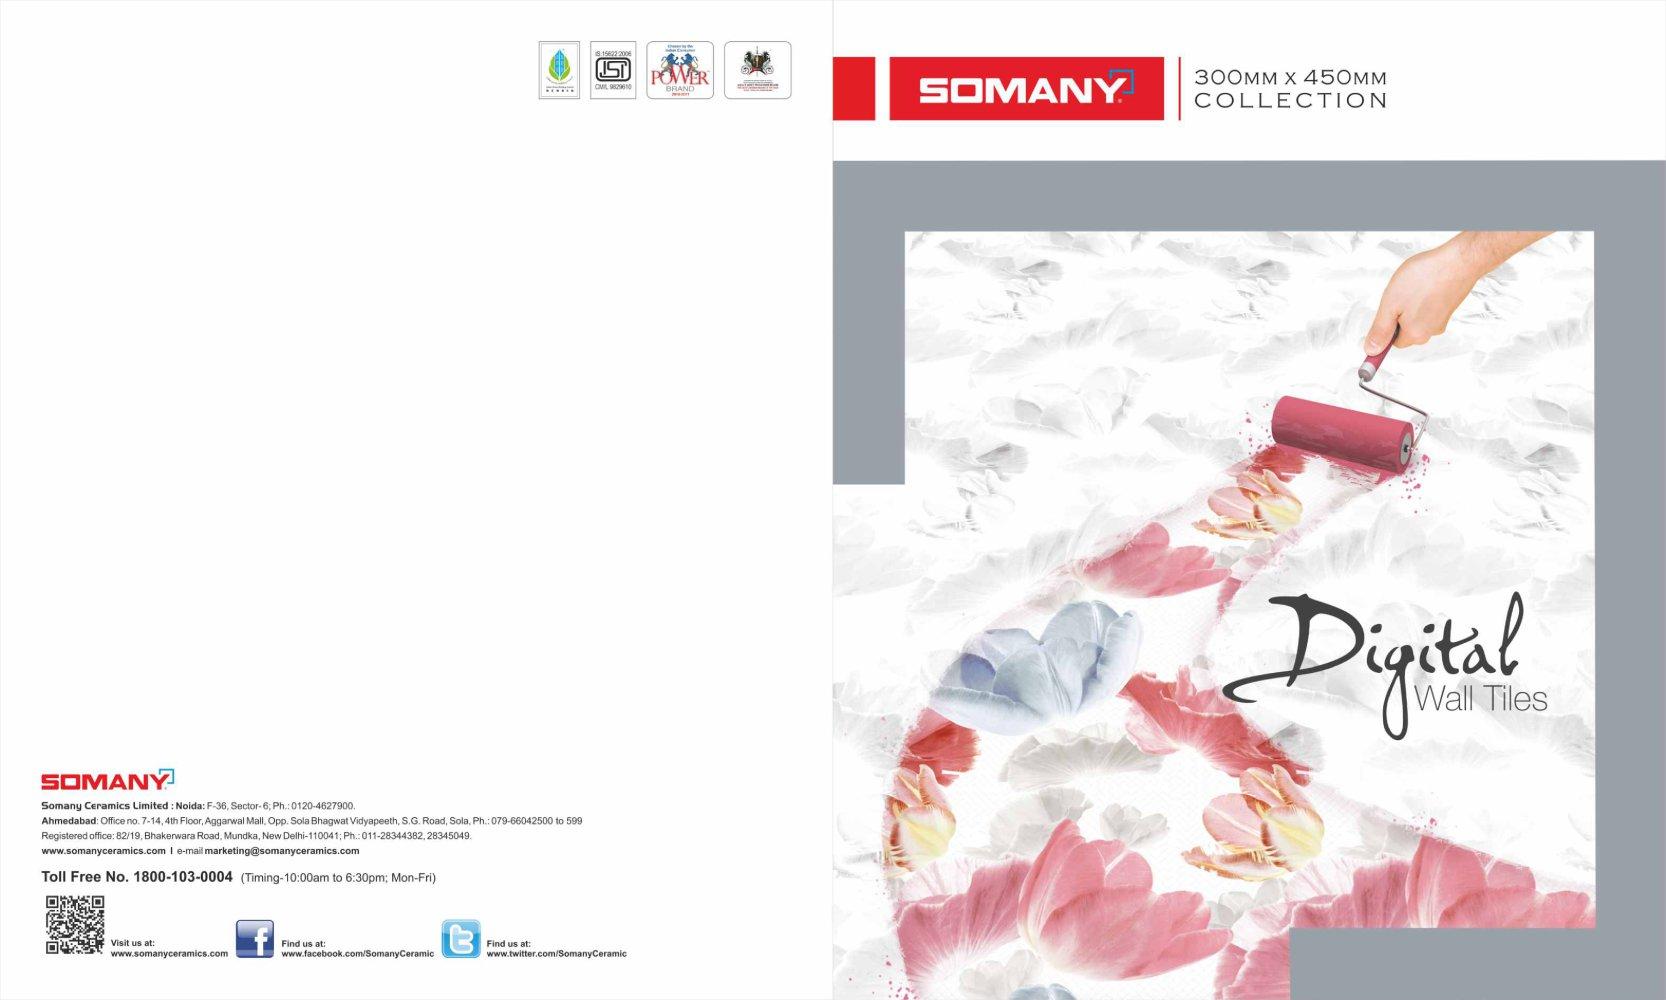 Digital Wall Tiles 300x450mm Somany Ceramics Ltd Pdf Catalogues